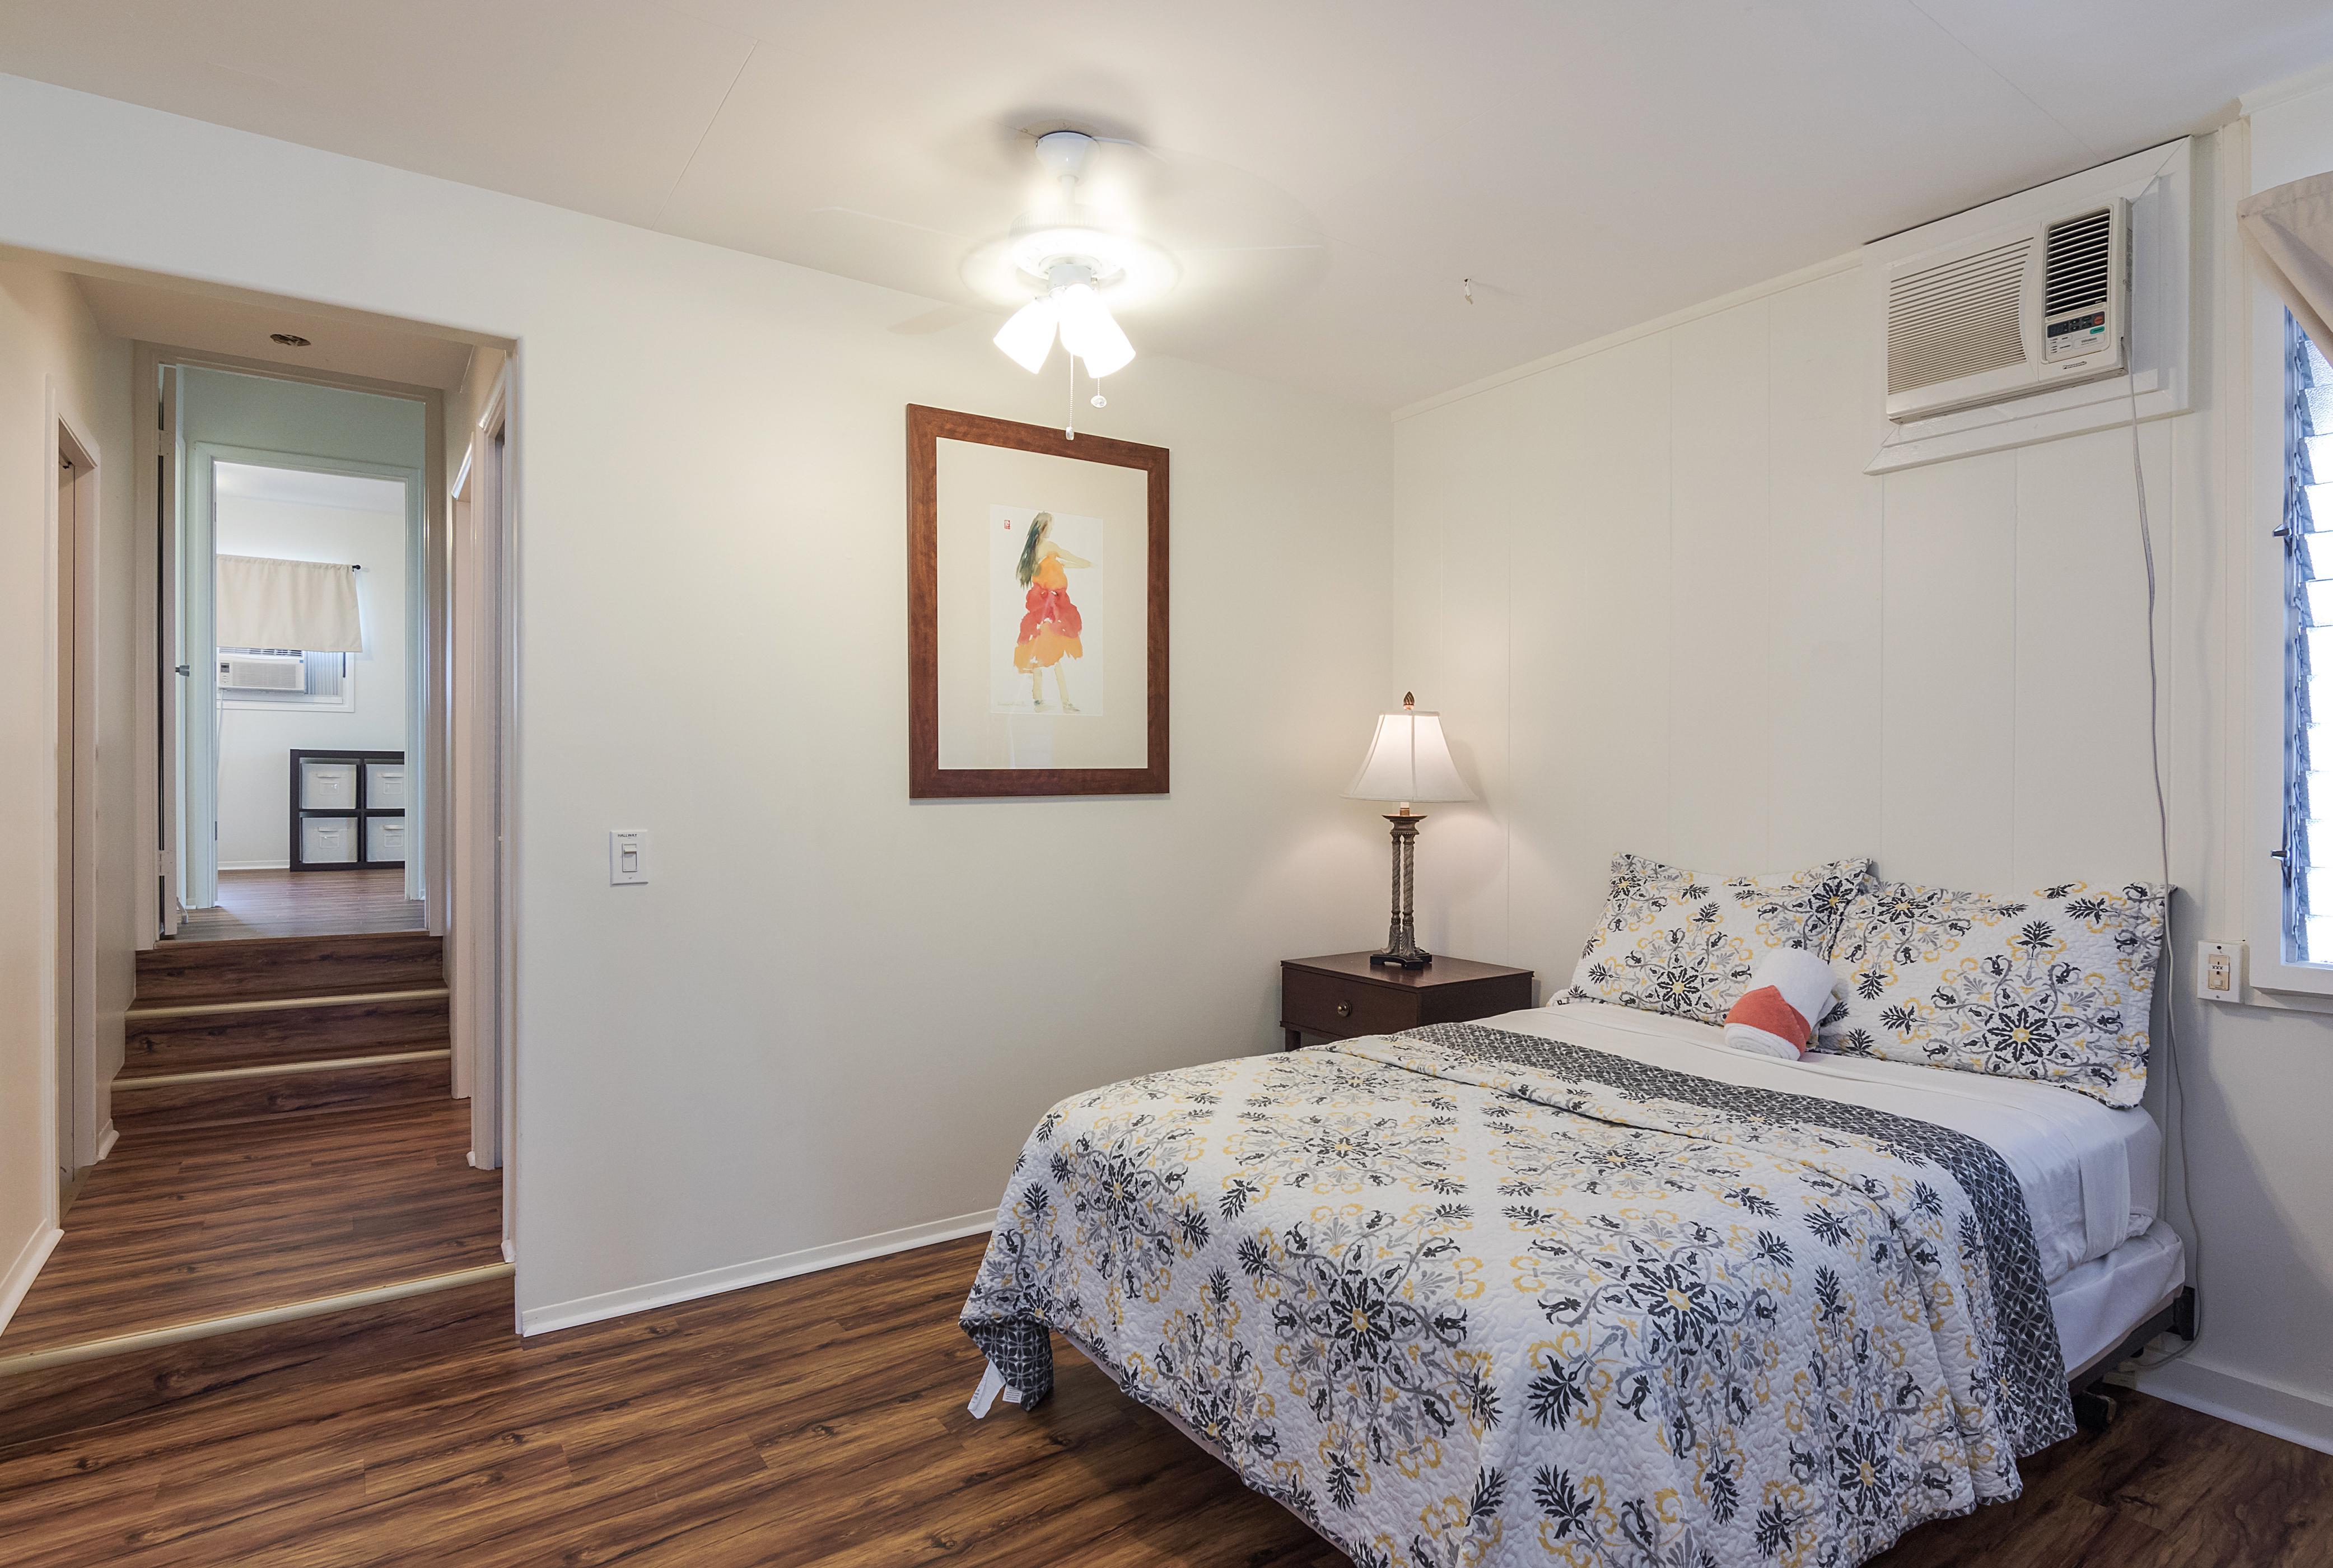 Bedroom C now has an added door to separate hallway to back bedrooms